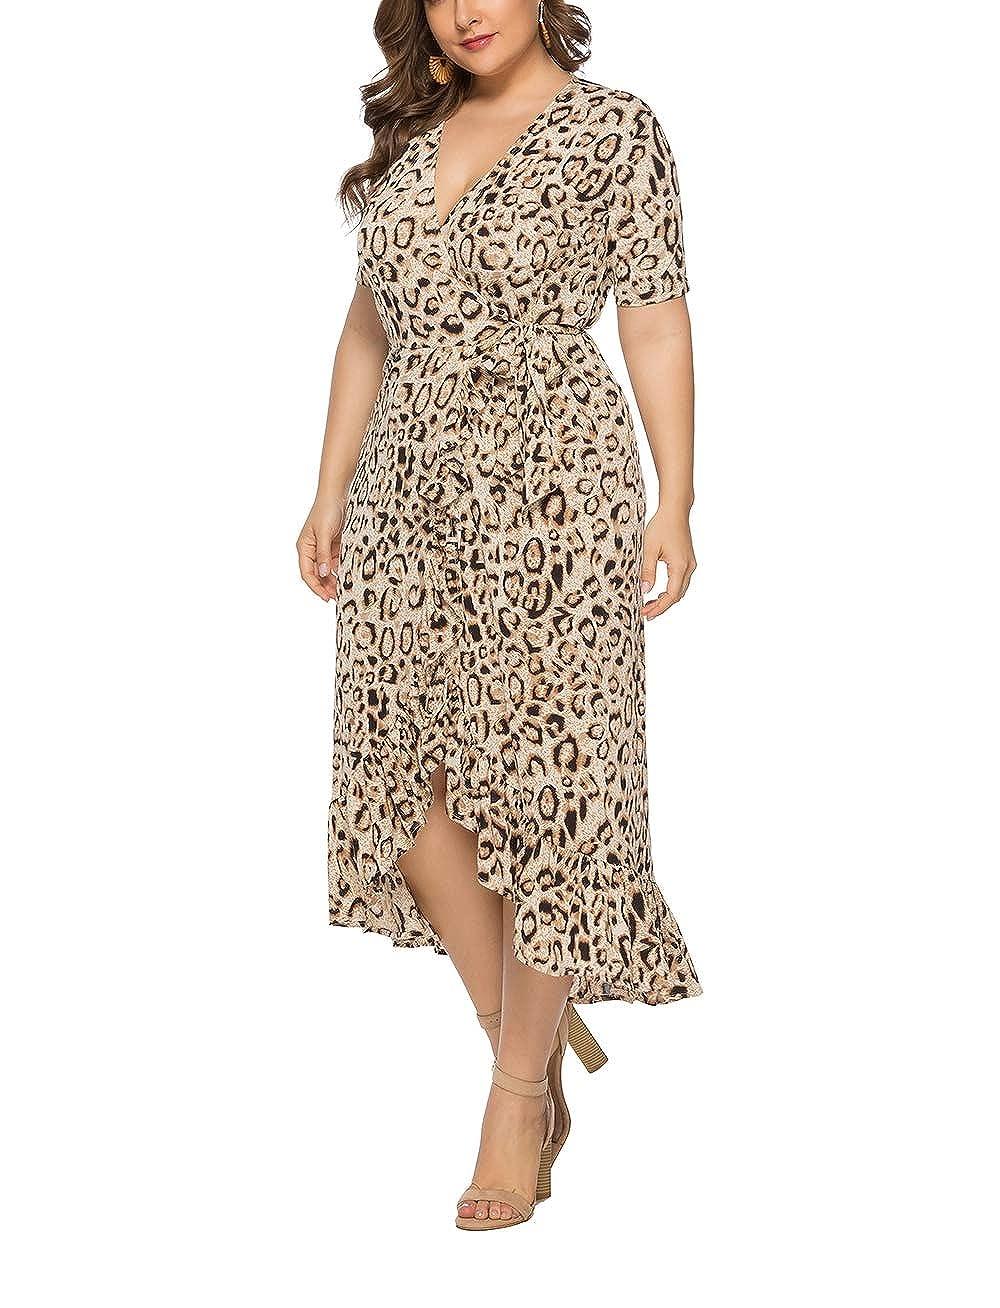 Vestidos de Mujer, Tallas Grandes Vestido Verano Hombro frío ...